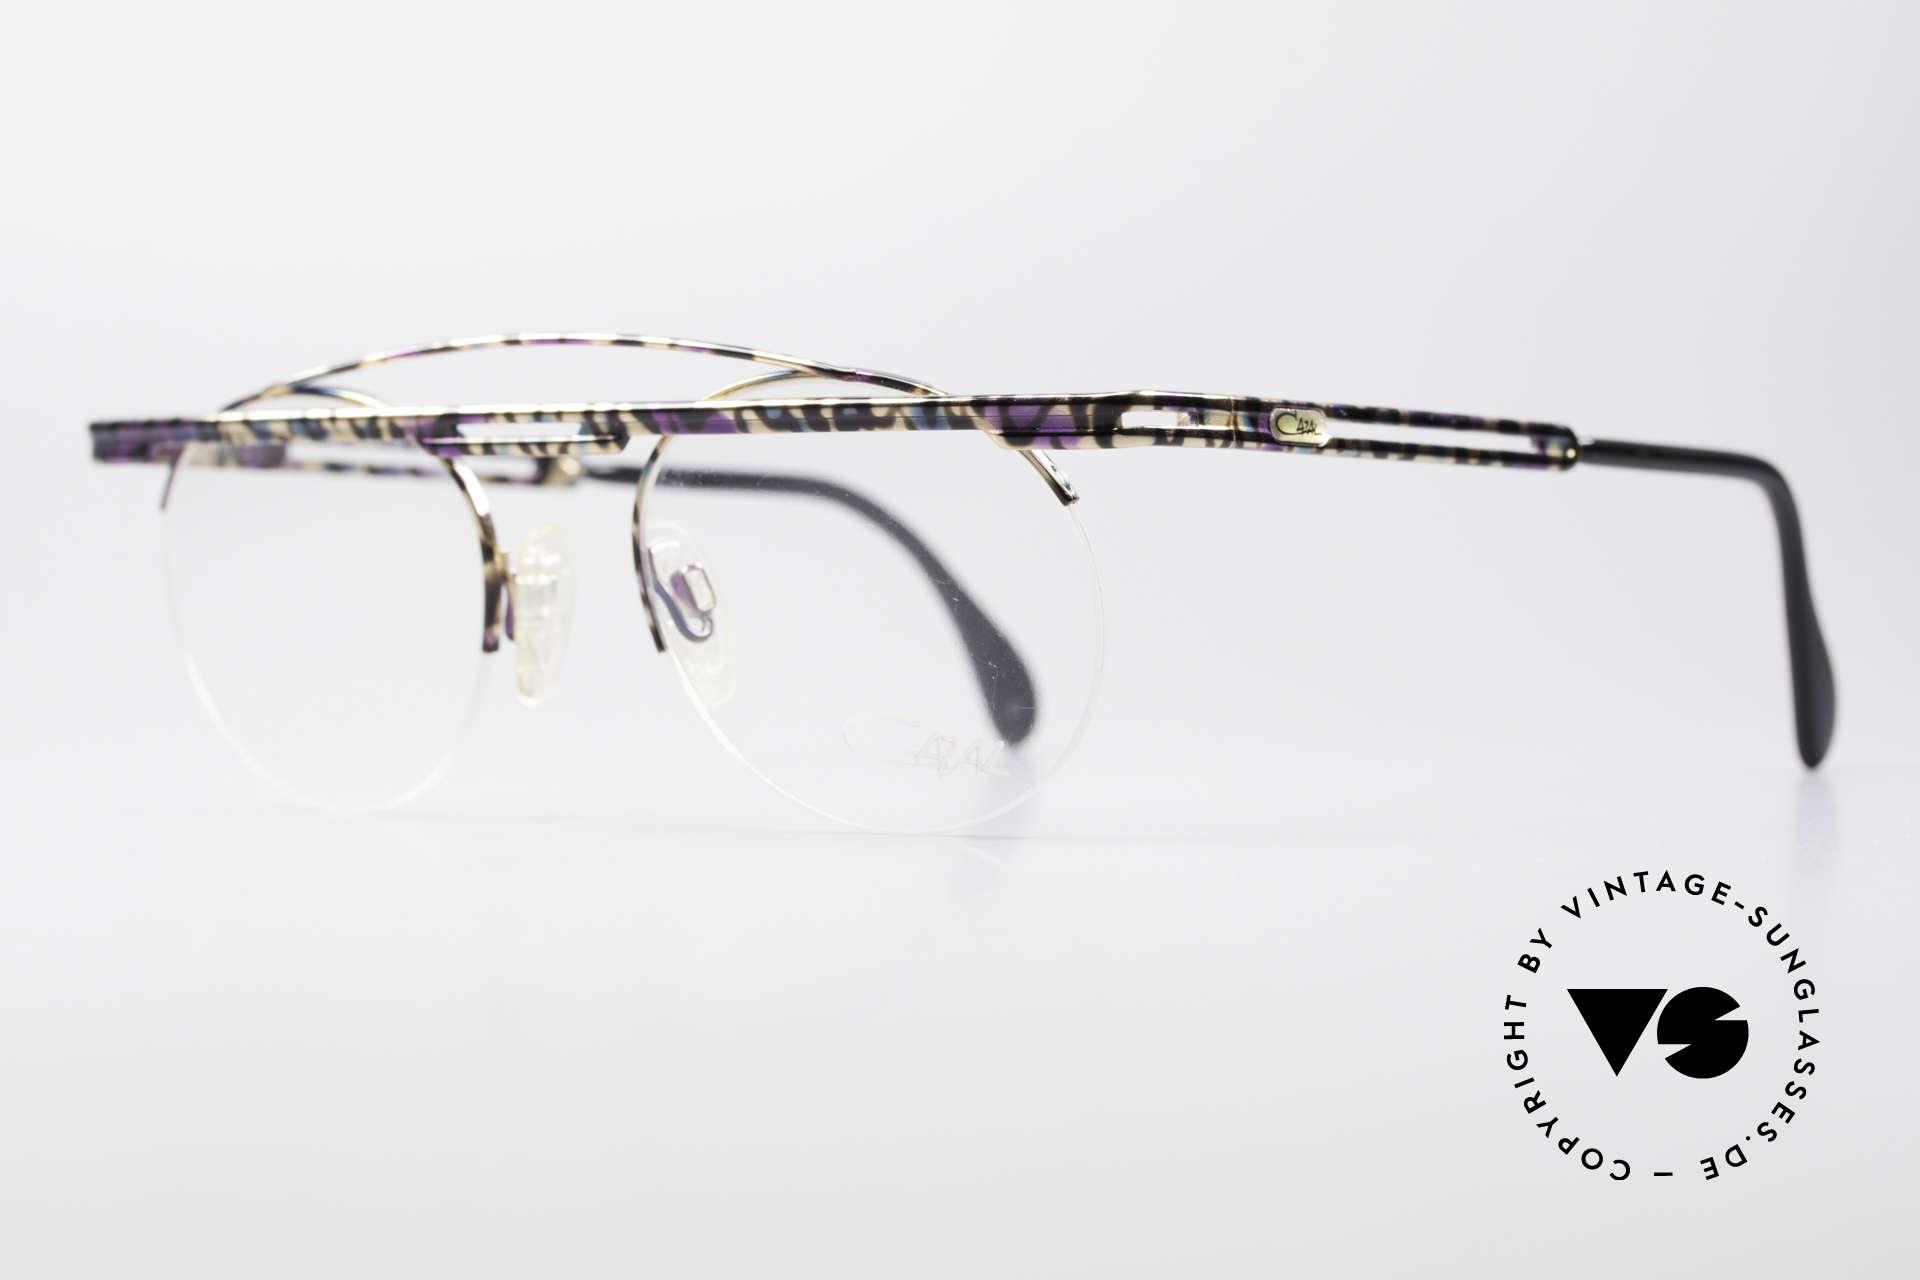 Cazal 748 Crazy Vintage No Retrobrille, aufwändige Lackierung (typisch für die alten Cazals), Passend für Herren und Damen